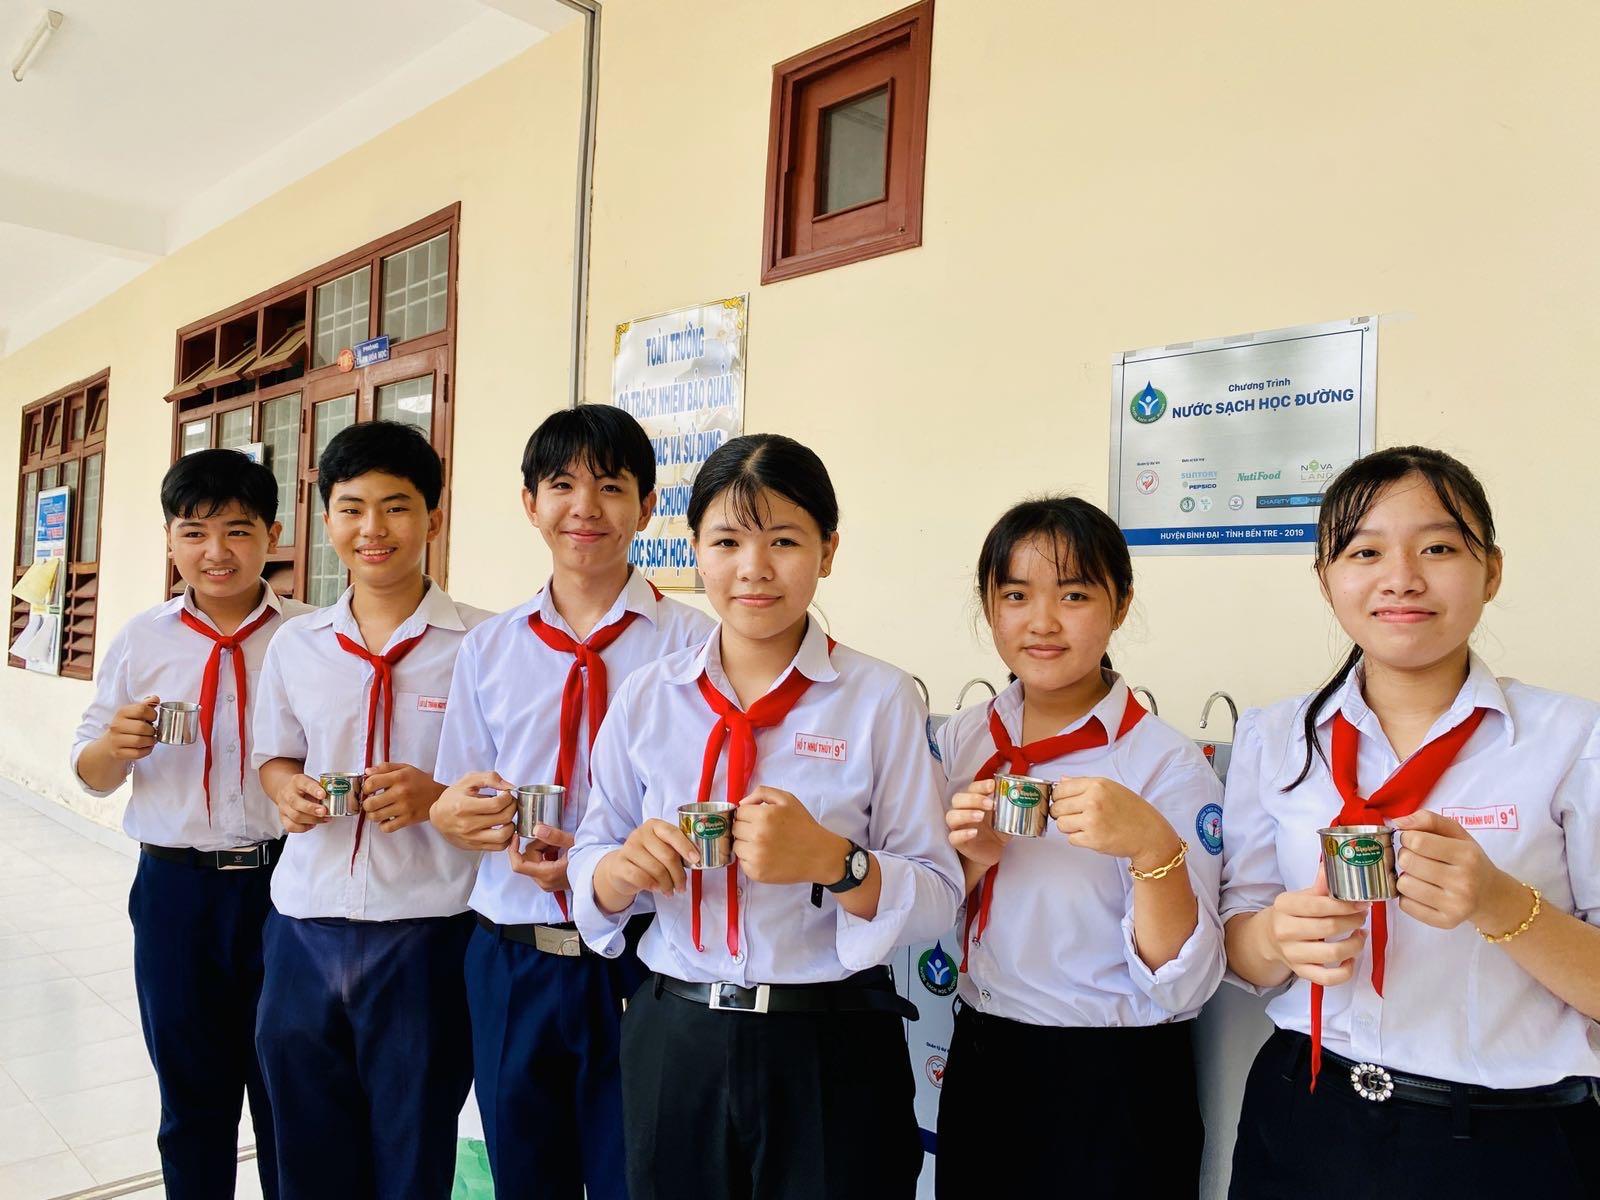 """Niềm vui """"Nước sạch học đường"""" trước thềm năm mới tại huyện Bình Đại, Bến Tre - Ảnh 2"""